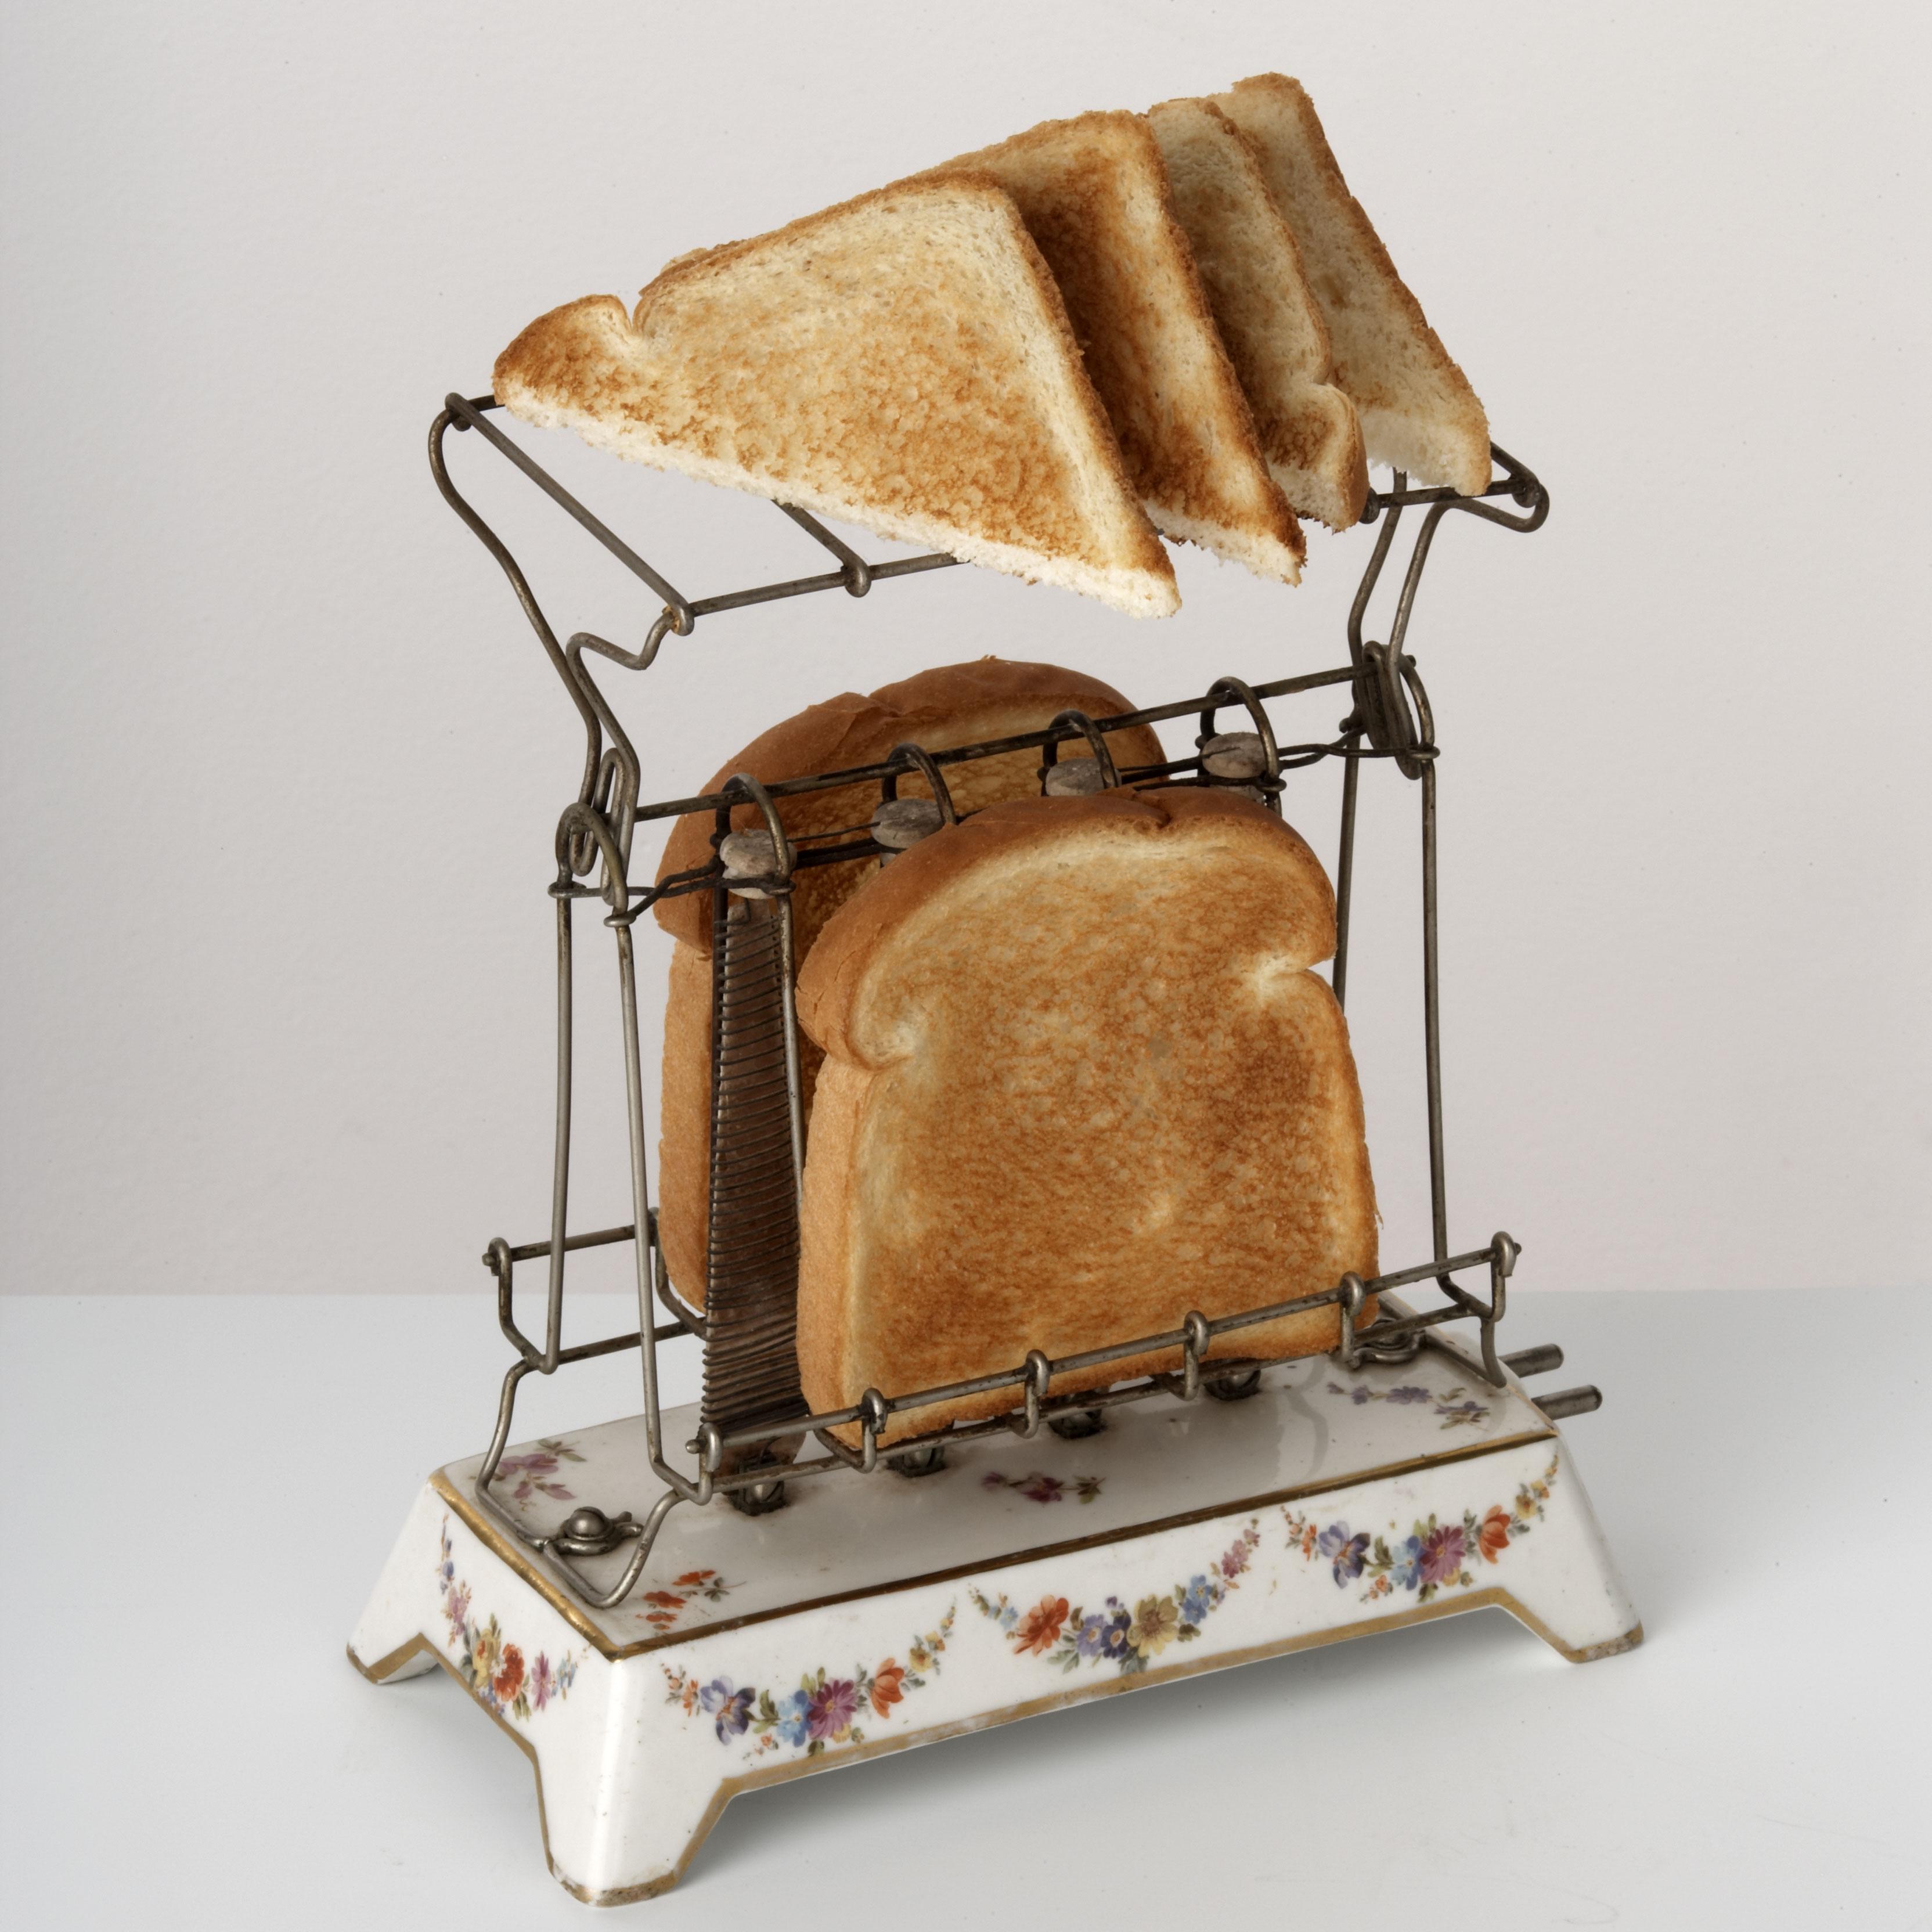 Первые в мире тостеры выглядели так